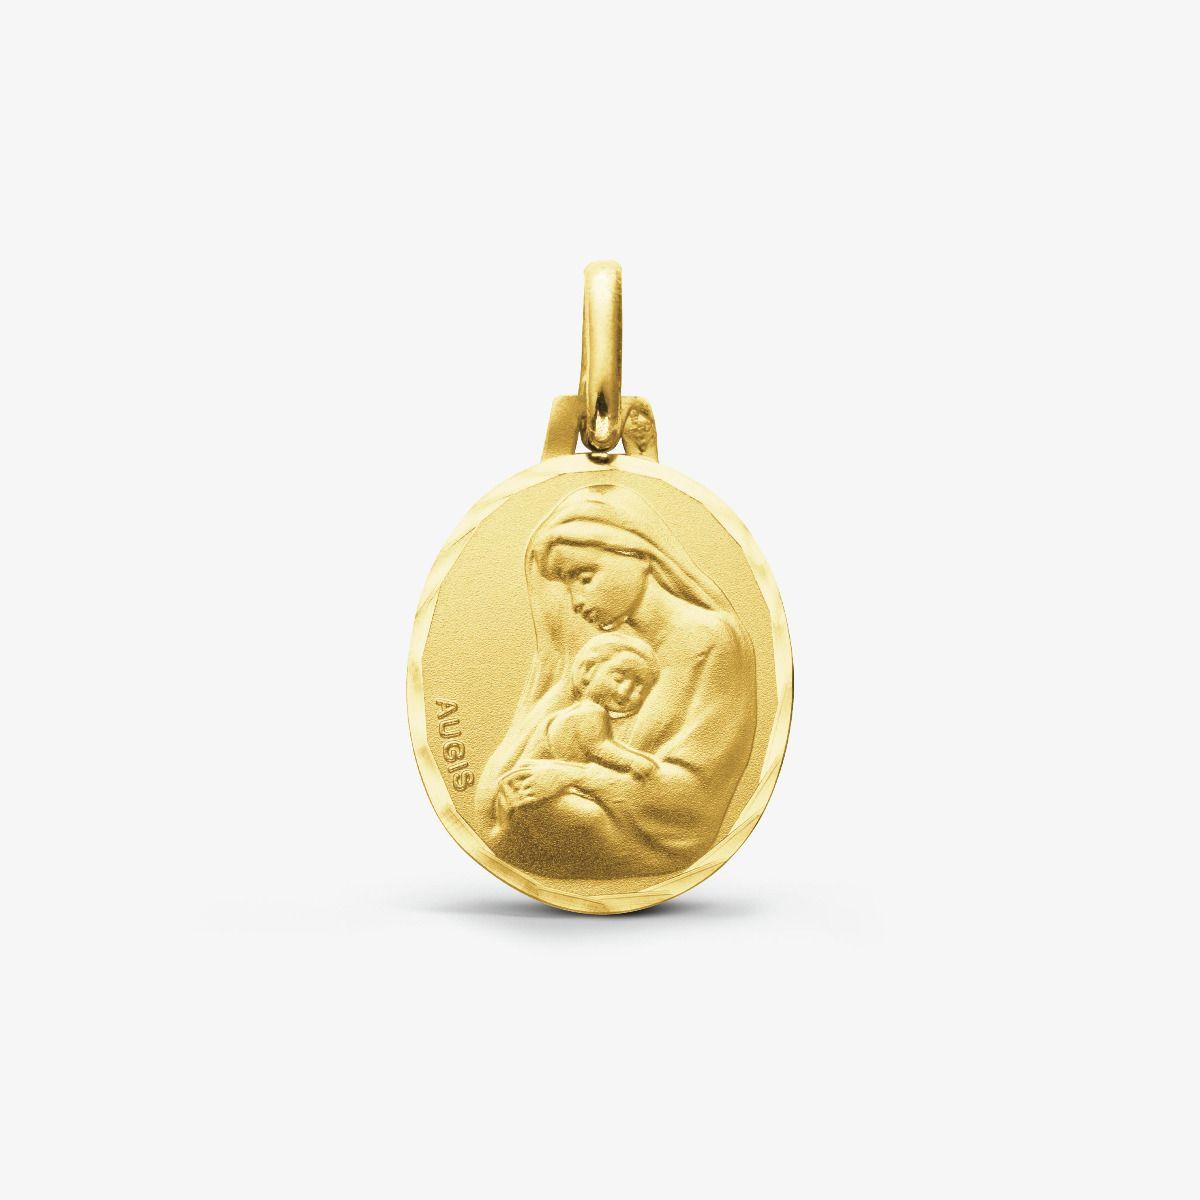 Médaille de baptême Vierge à l'enfant en or jaune 18 carats 16mm